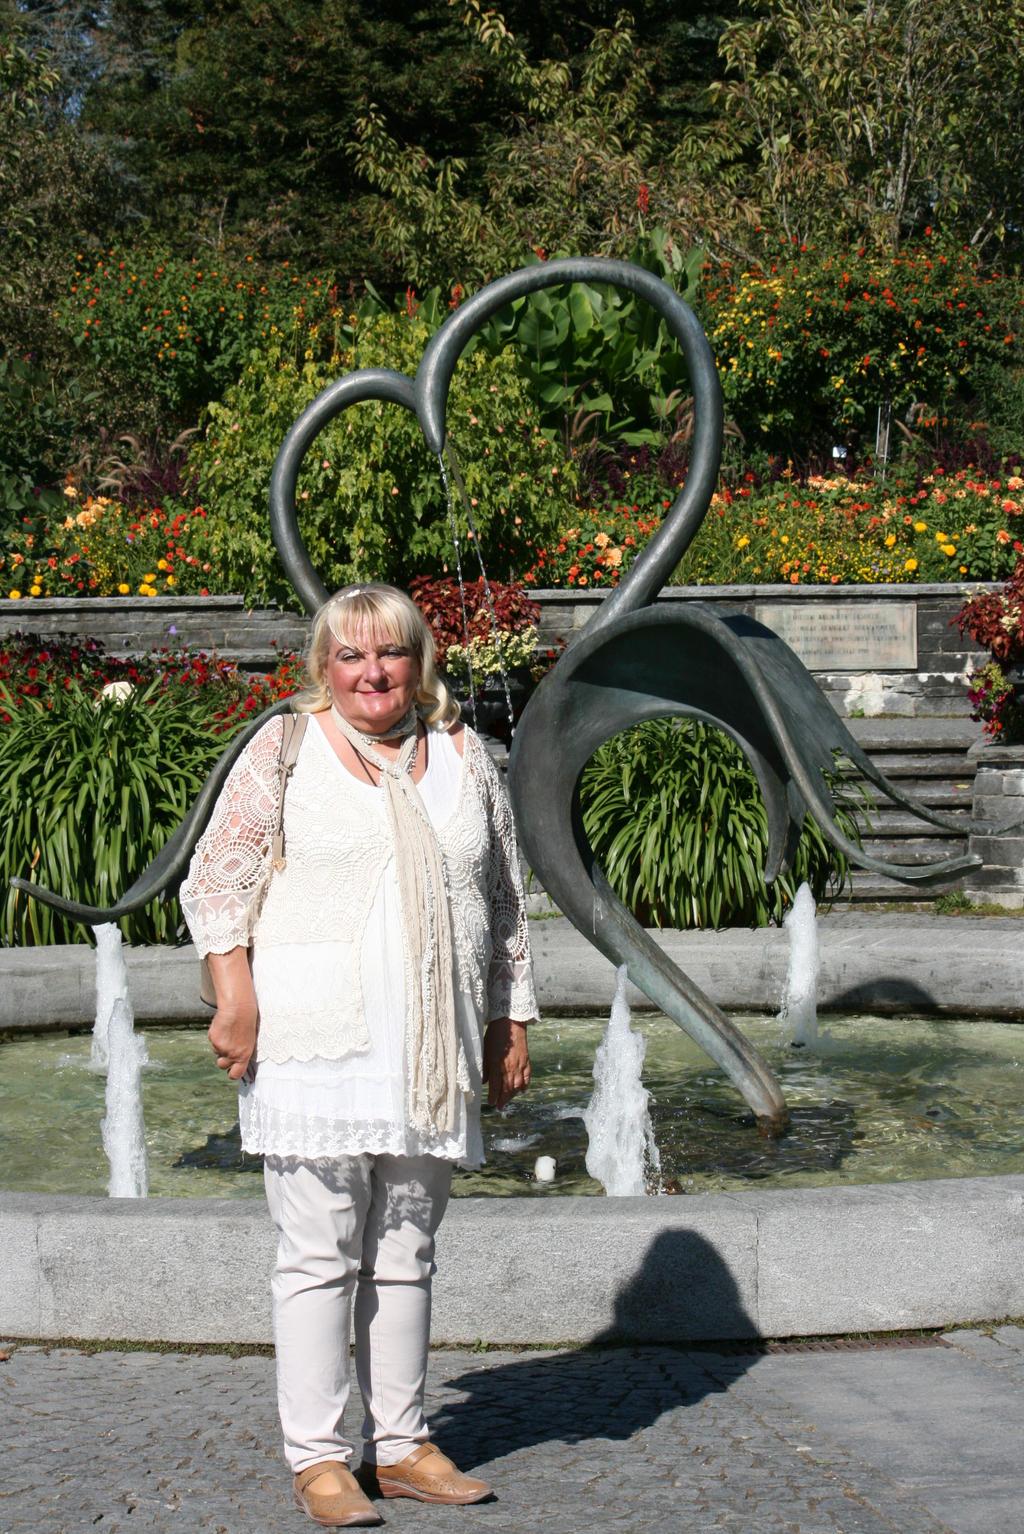 Ingeline in park at Mainau 2 by ingeline-art